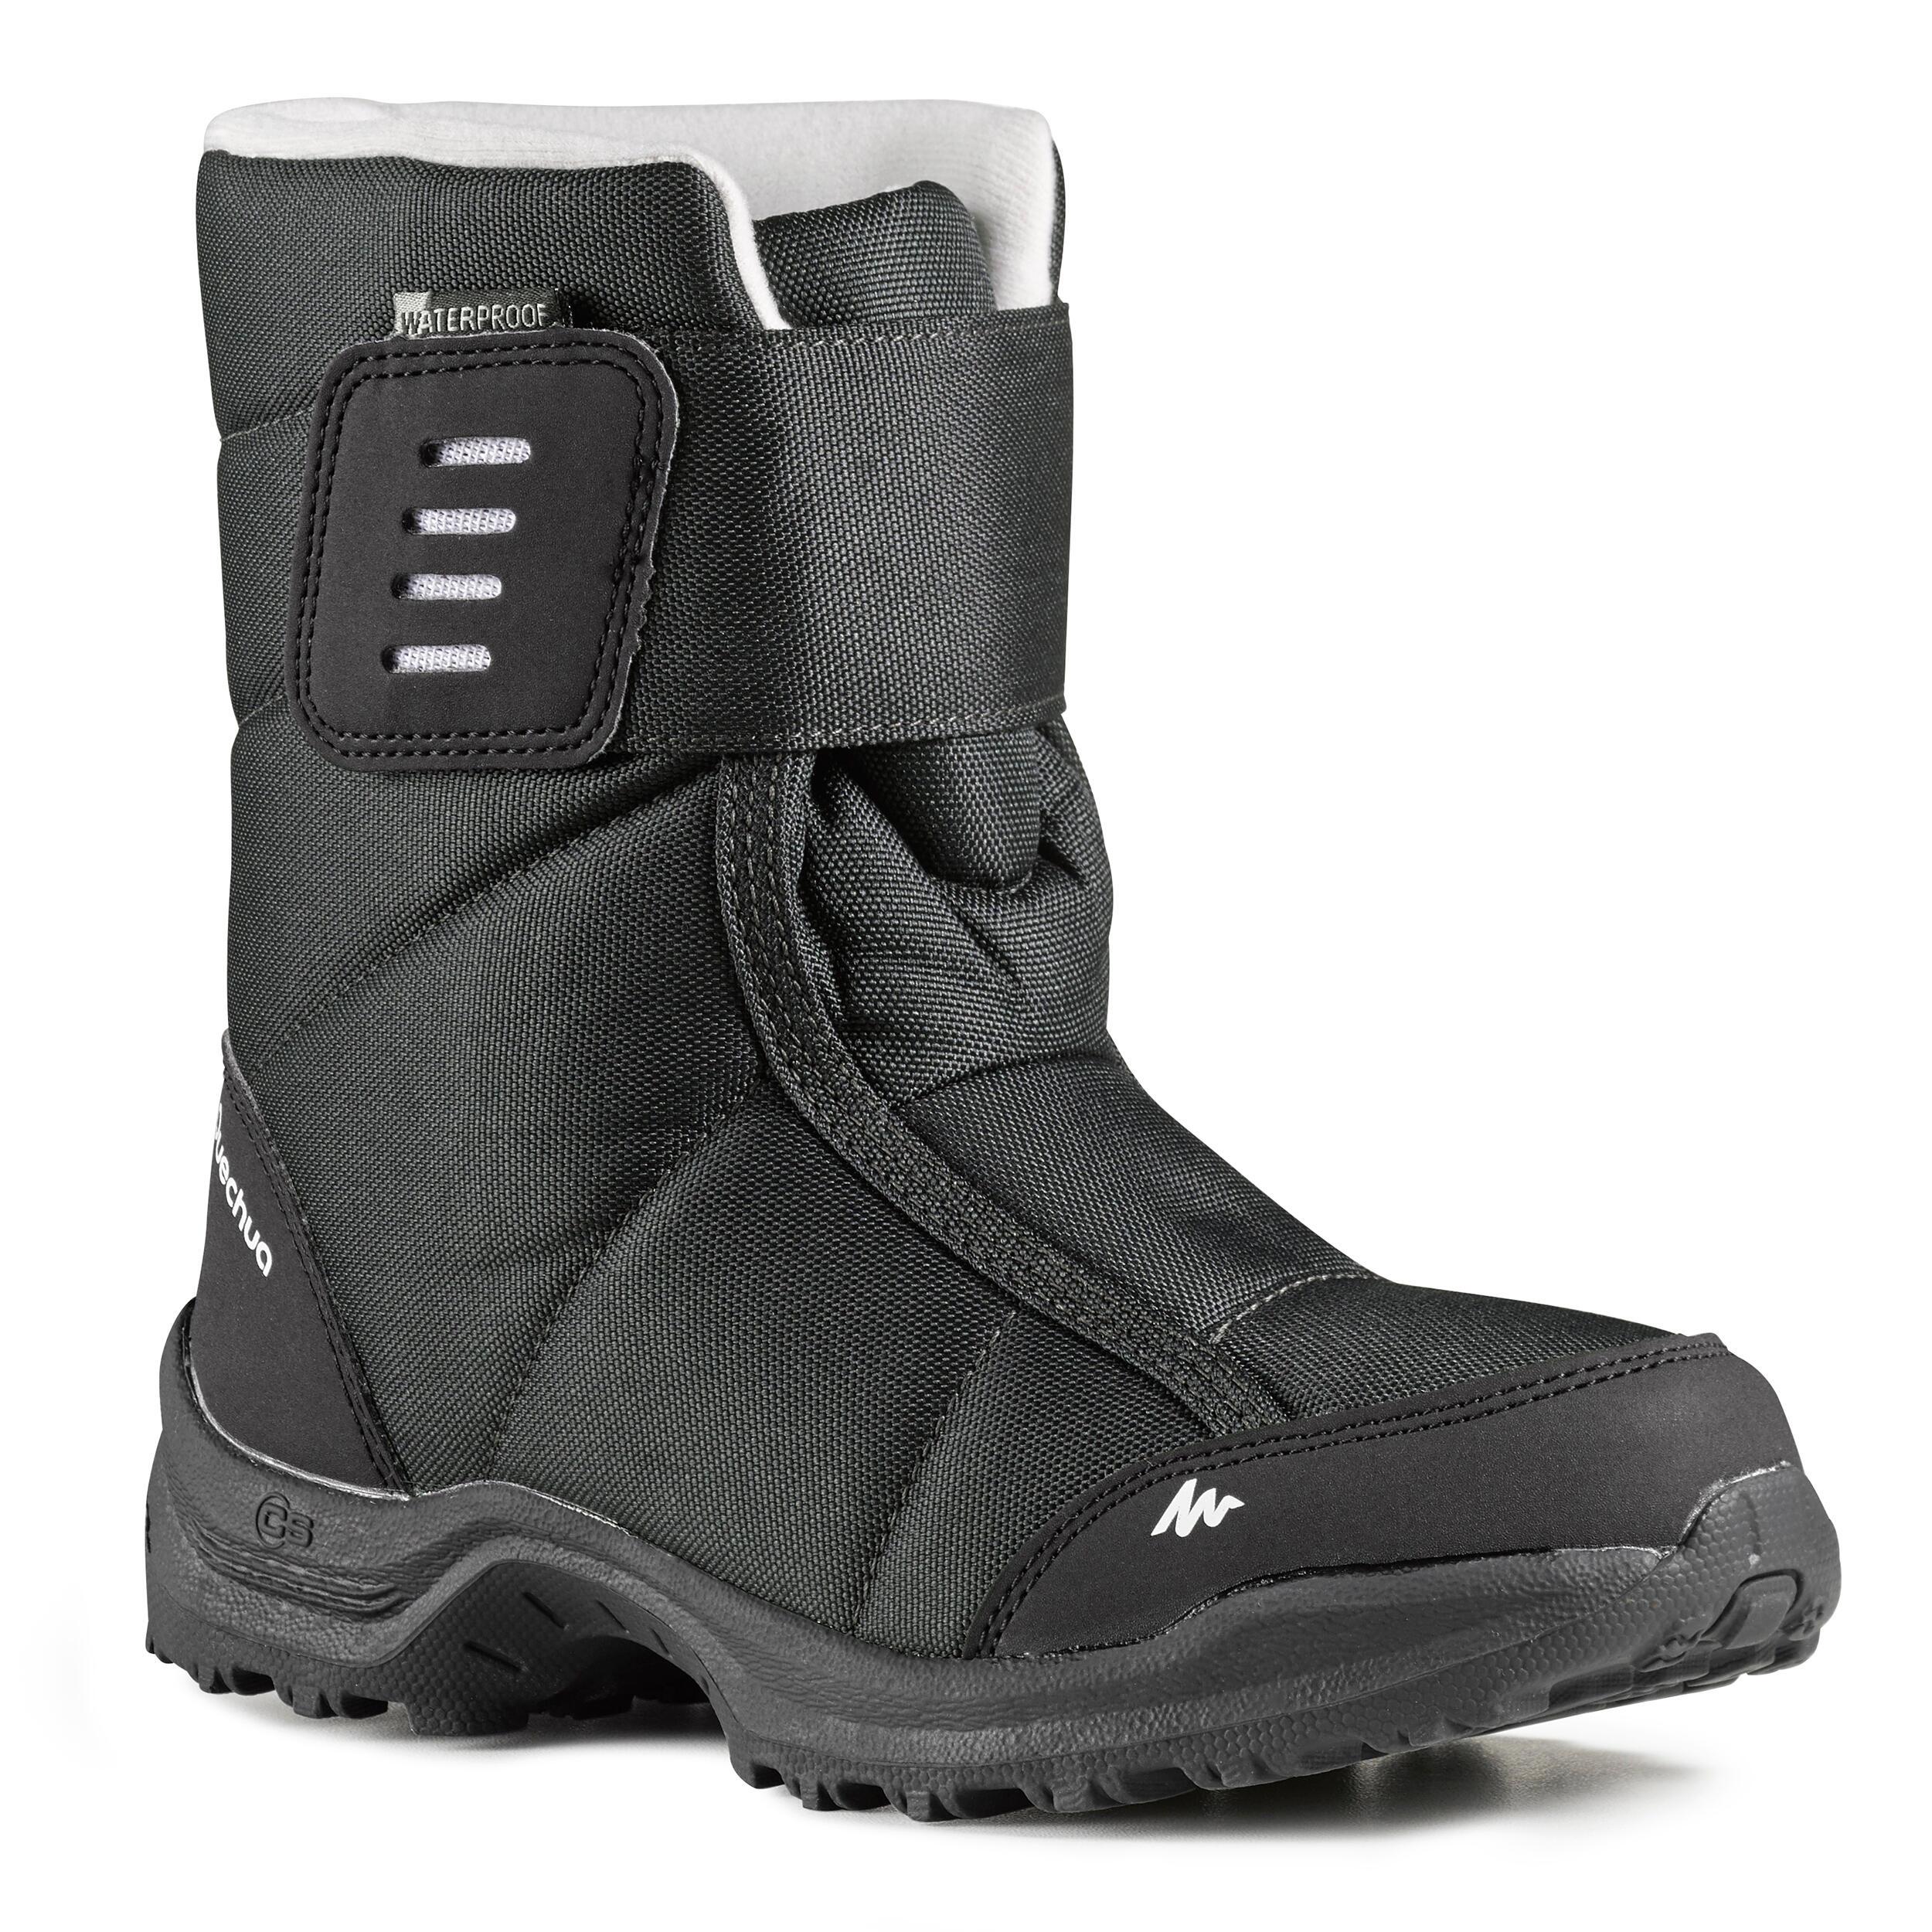 SH100 X-Warm JR Snow Hiking Boots - Purple